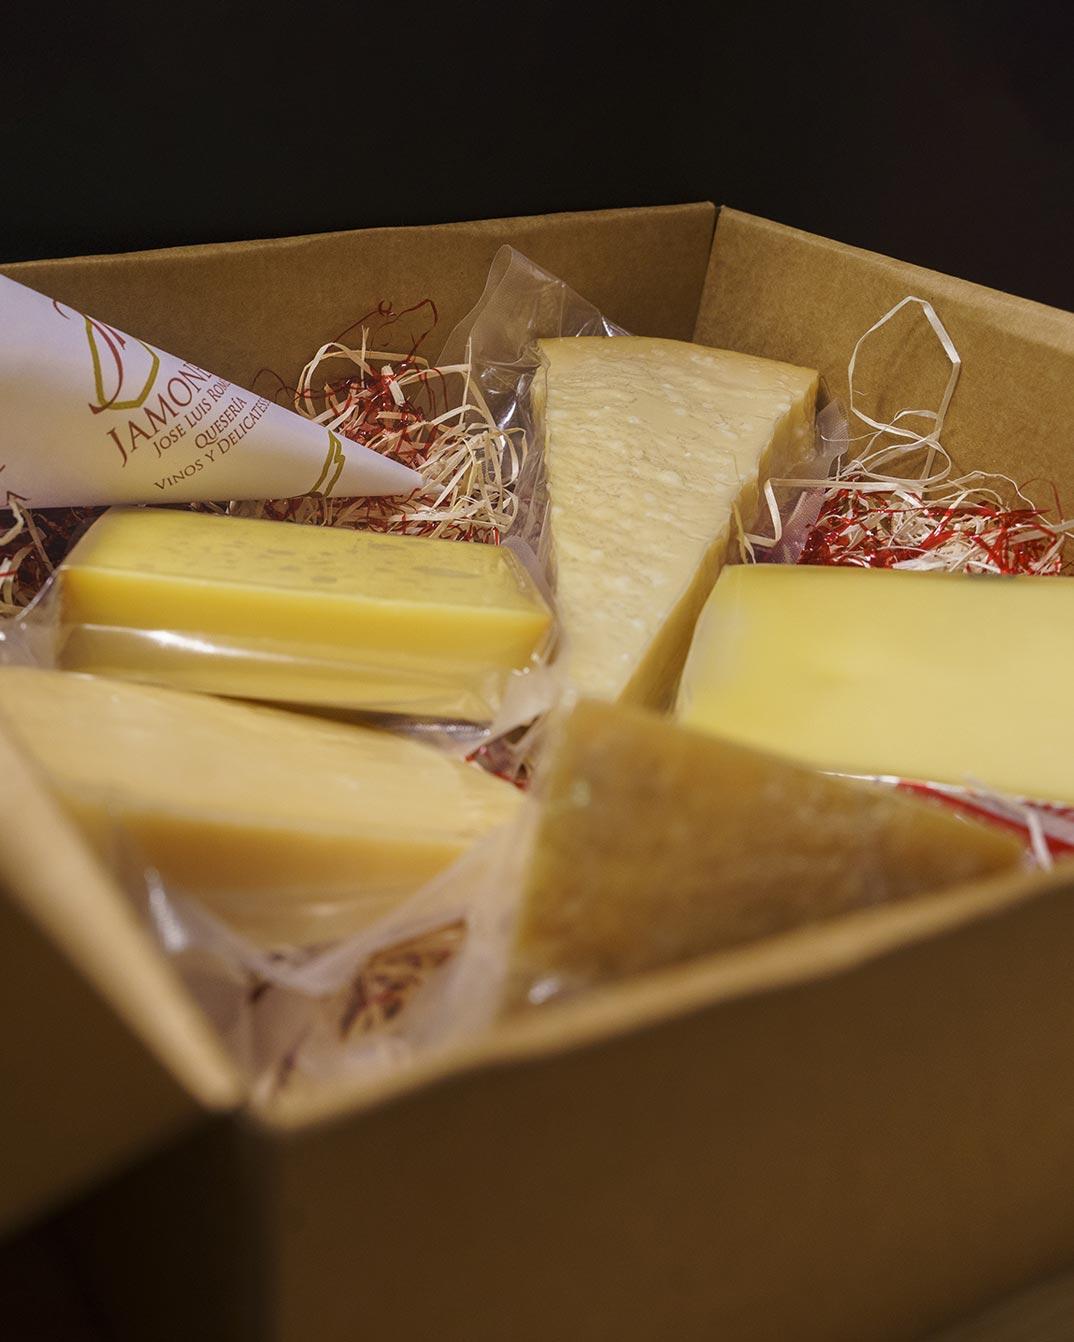 Tablas de degustación de quesos de Andalucía, Quesos de España o Quesos de Europa. Pasión por el queso en Jamonería José Luis Romero